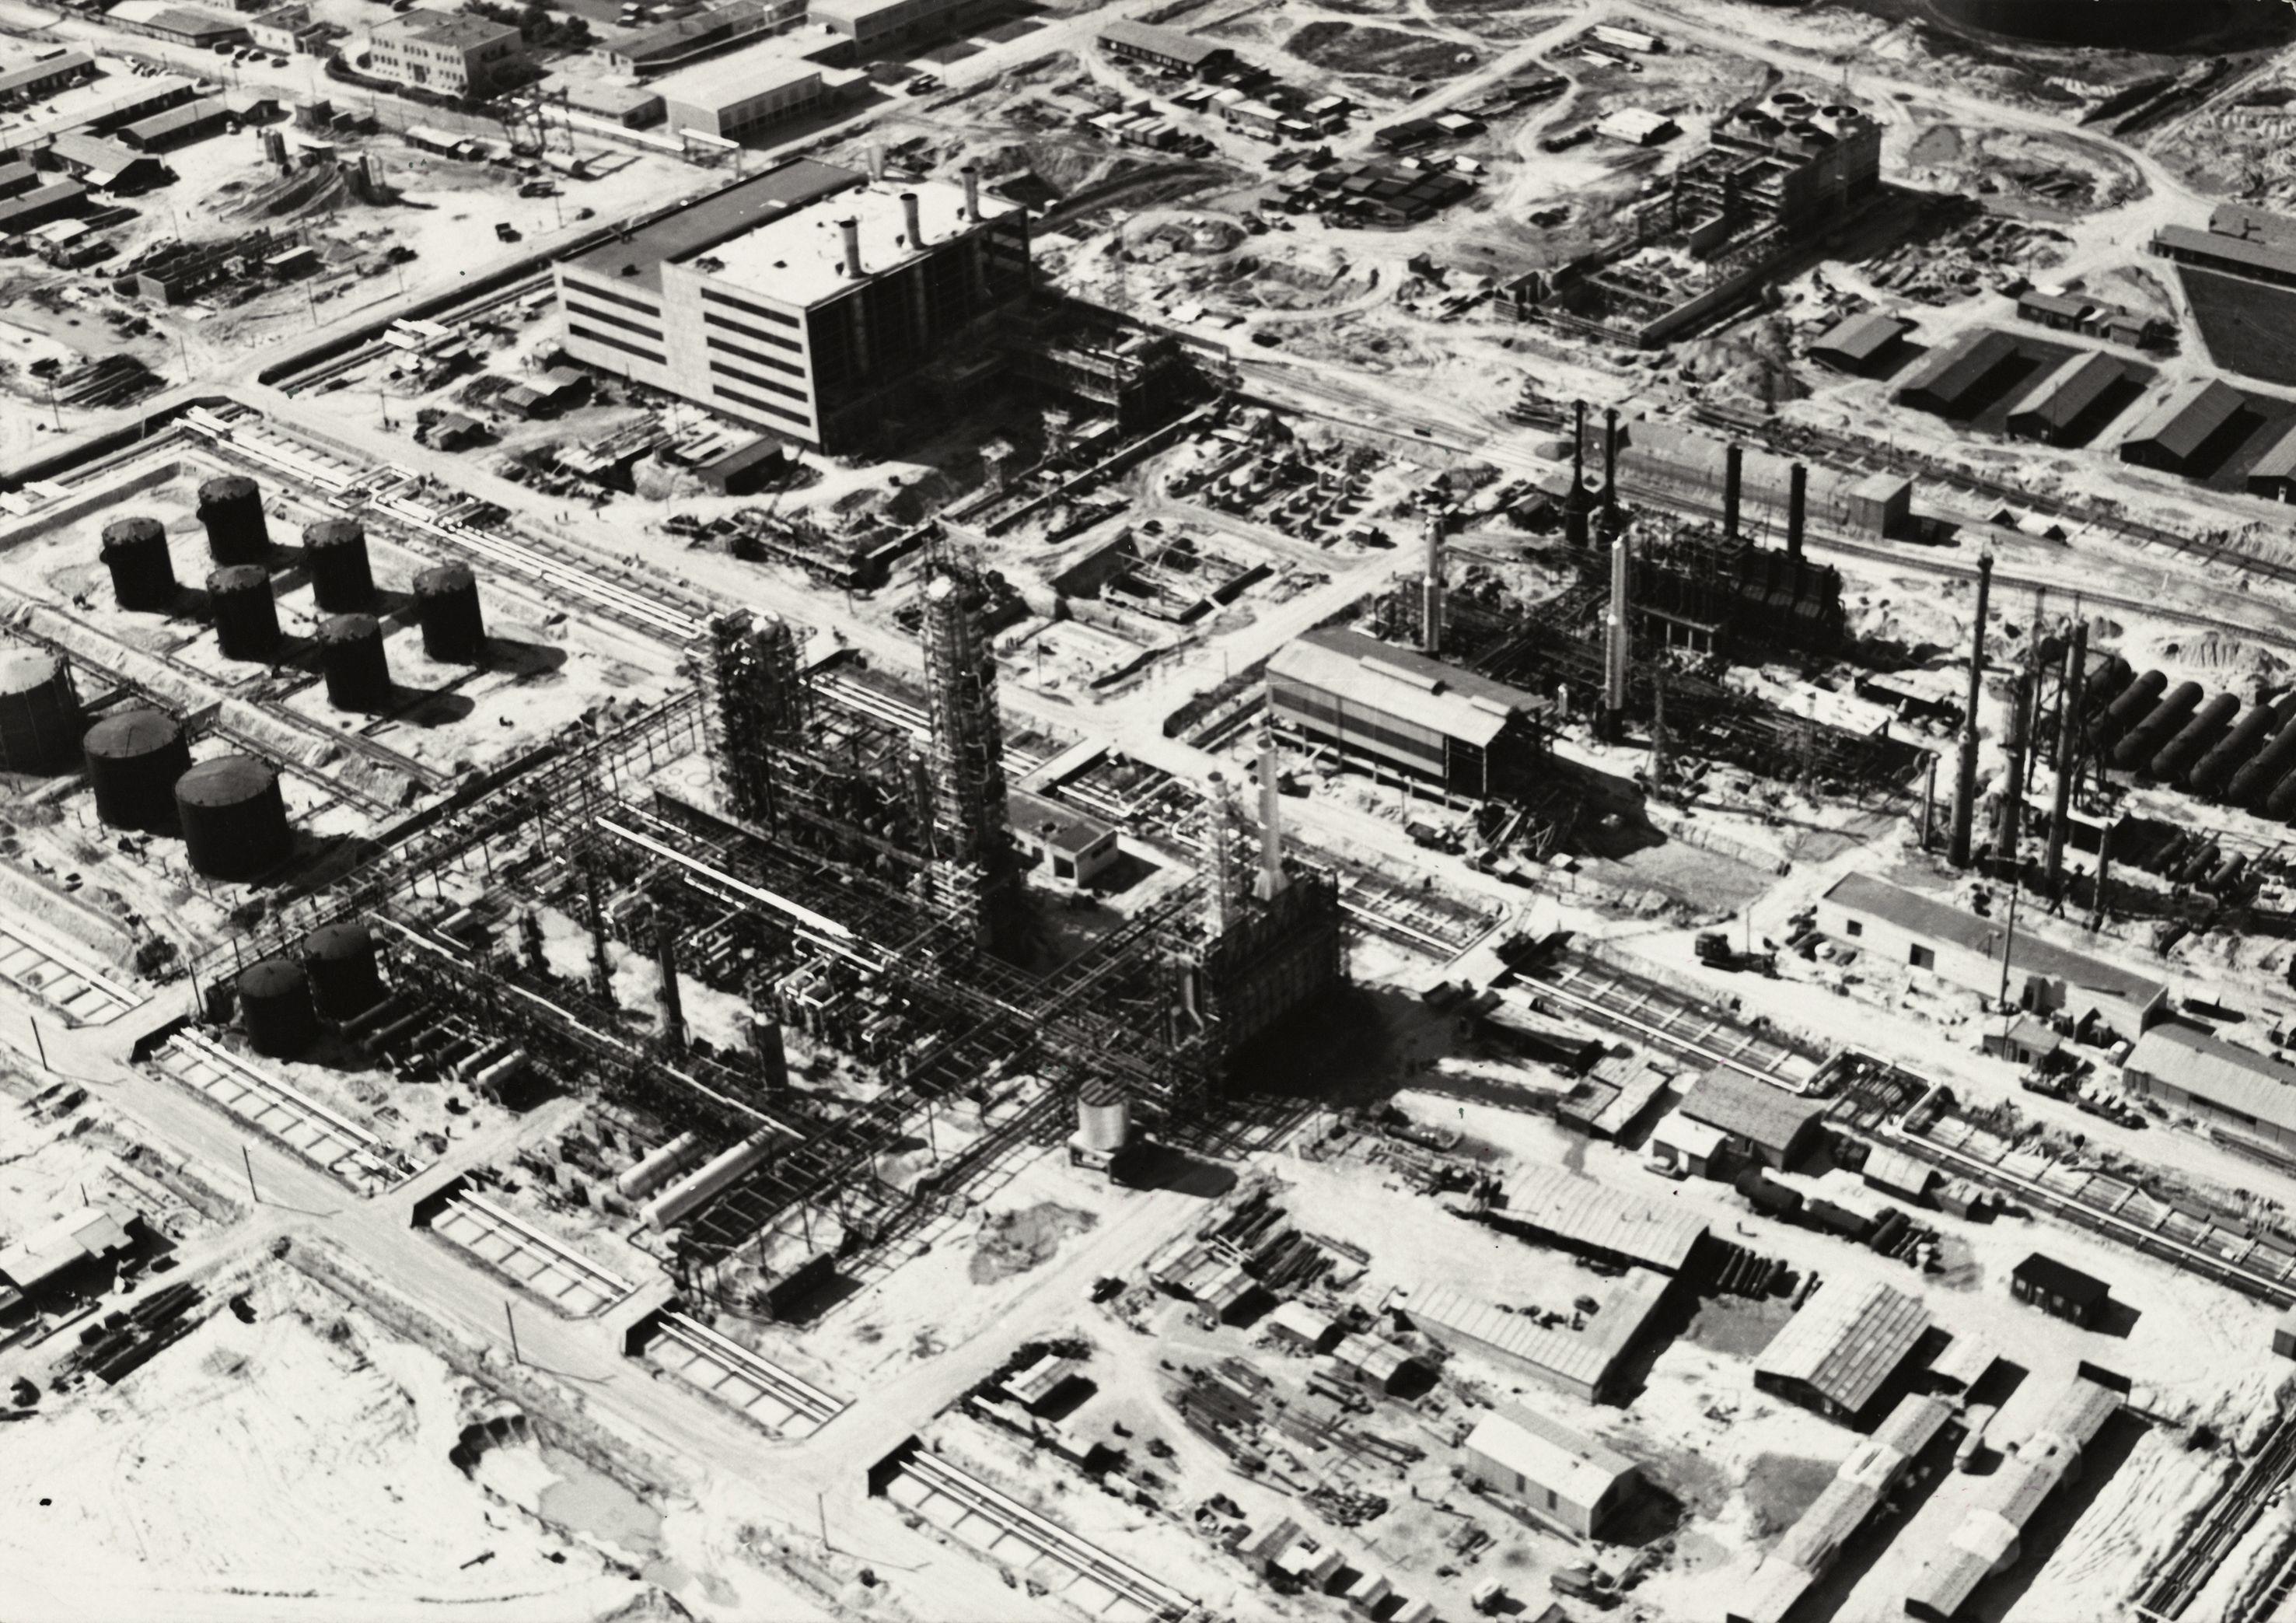 Schon in Betrieb aber auch noch in Bau. Raffinerie Schwechat in den 1960er Jahren. Quelle: Archiv Rohstoff Geschichte, Sammlung OMV-Bildarchiv.